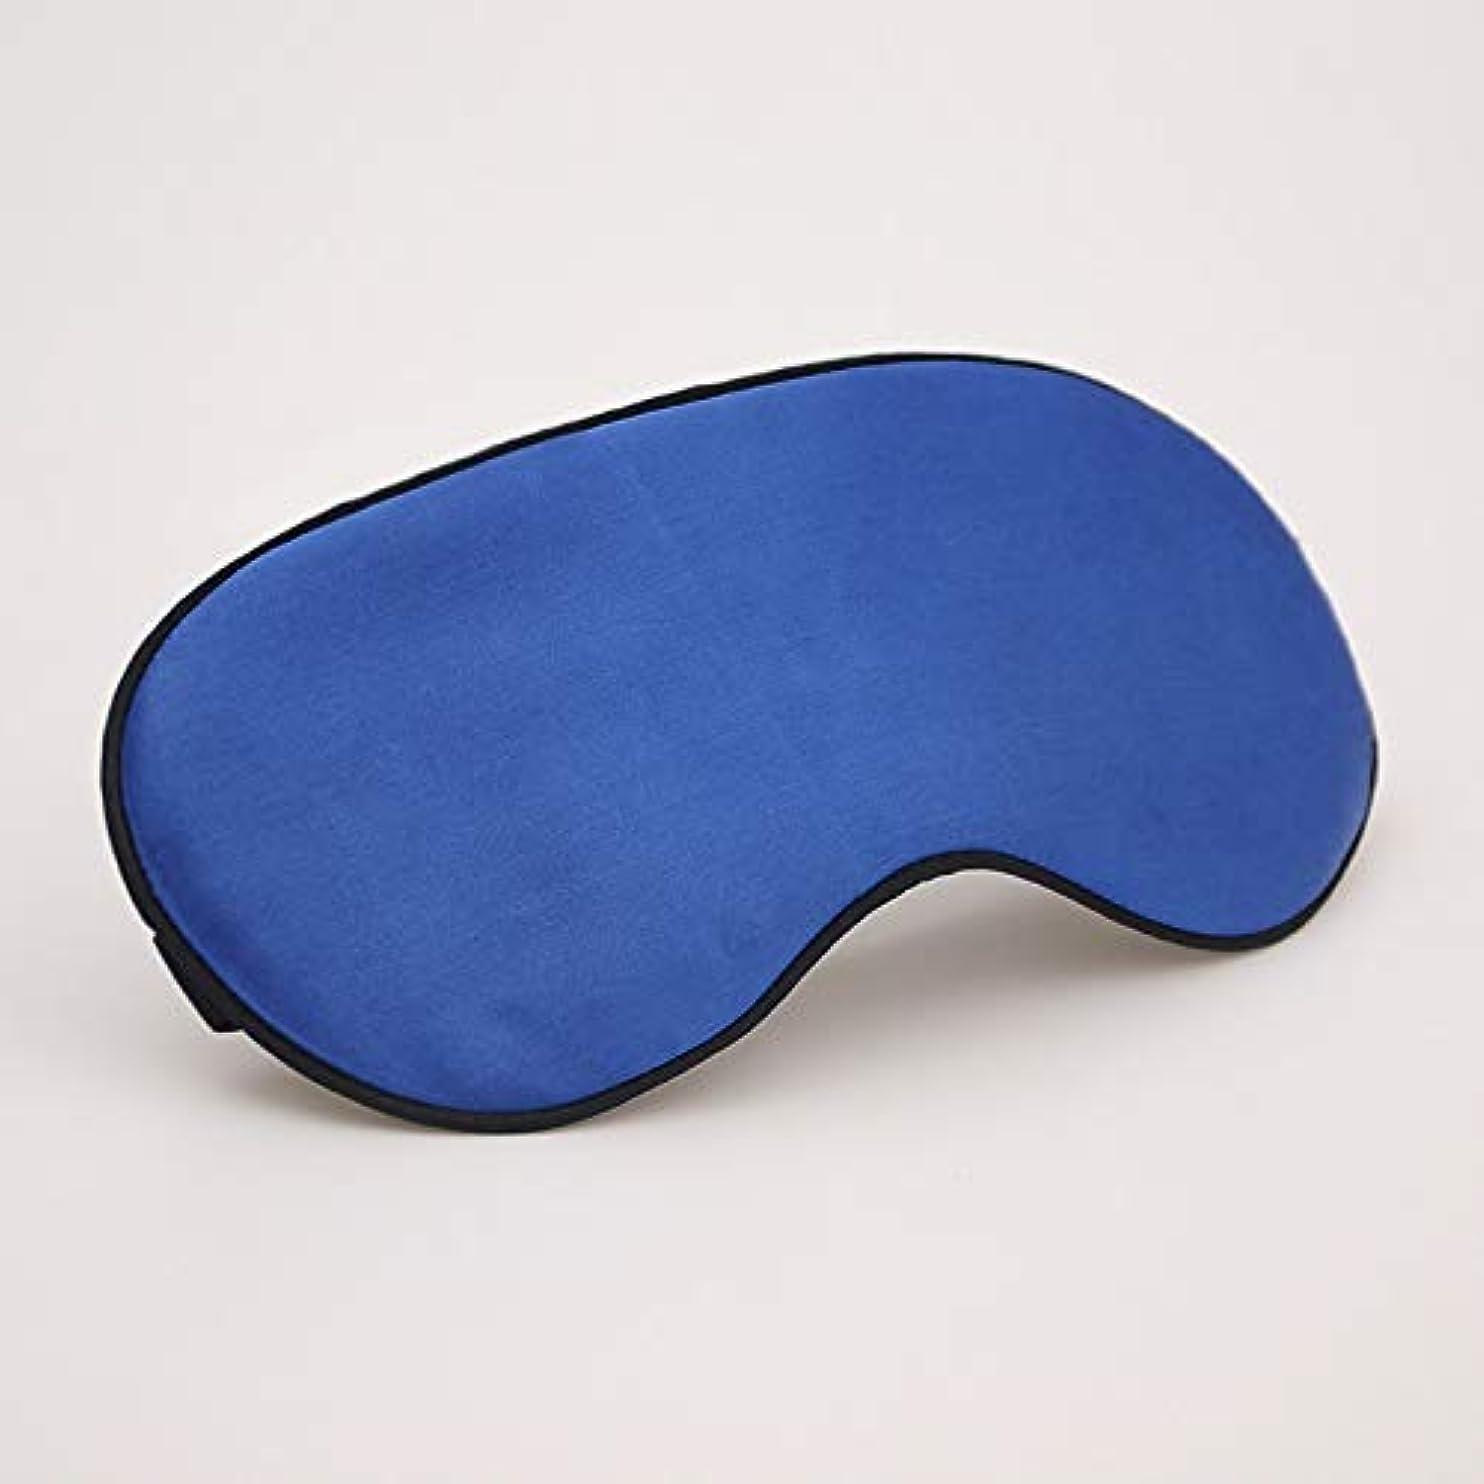 舗装するすべてステージNOTE シルクシェーディング睡眠アイマスク調整目包帯用目柔らかいアイカバー大人子供旅行残り目パッチ睡眠マスク